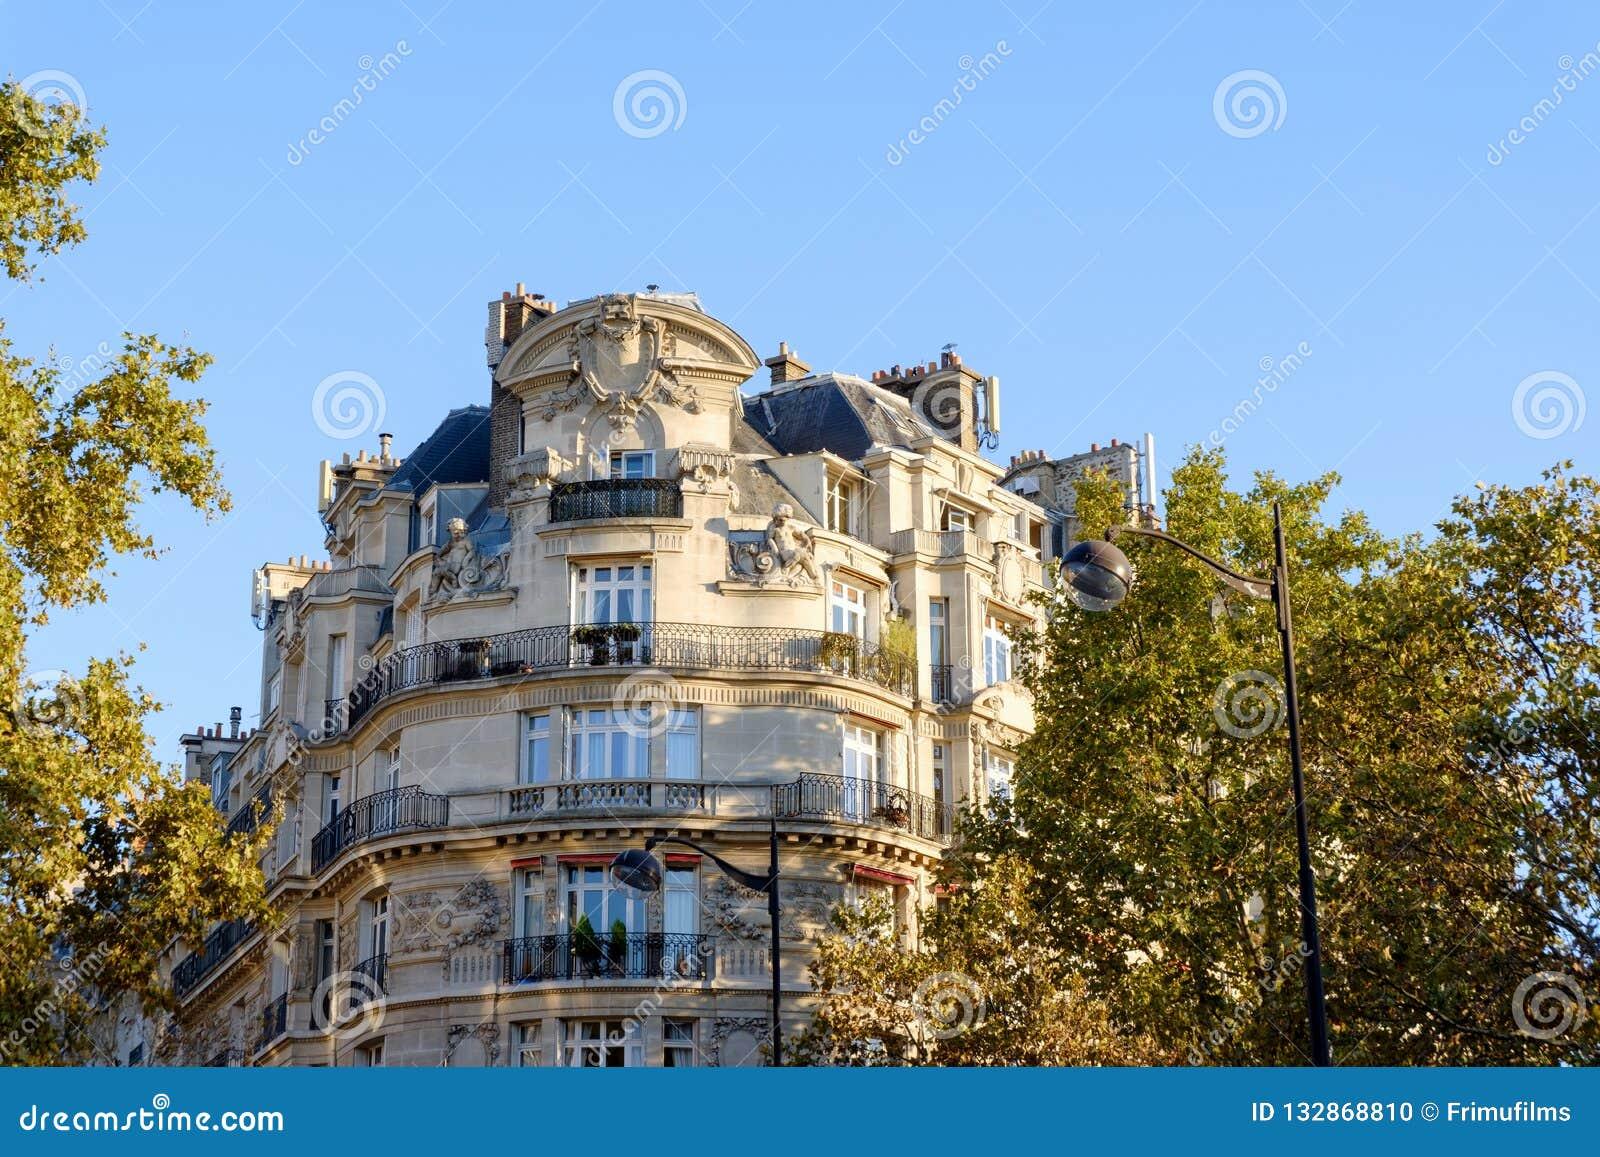 Жилой дом в стиле барокко